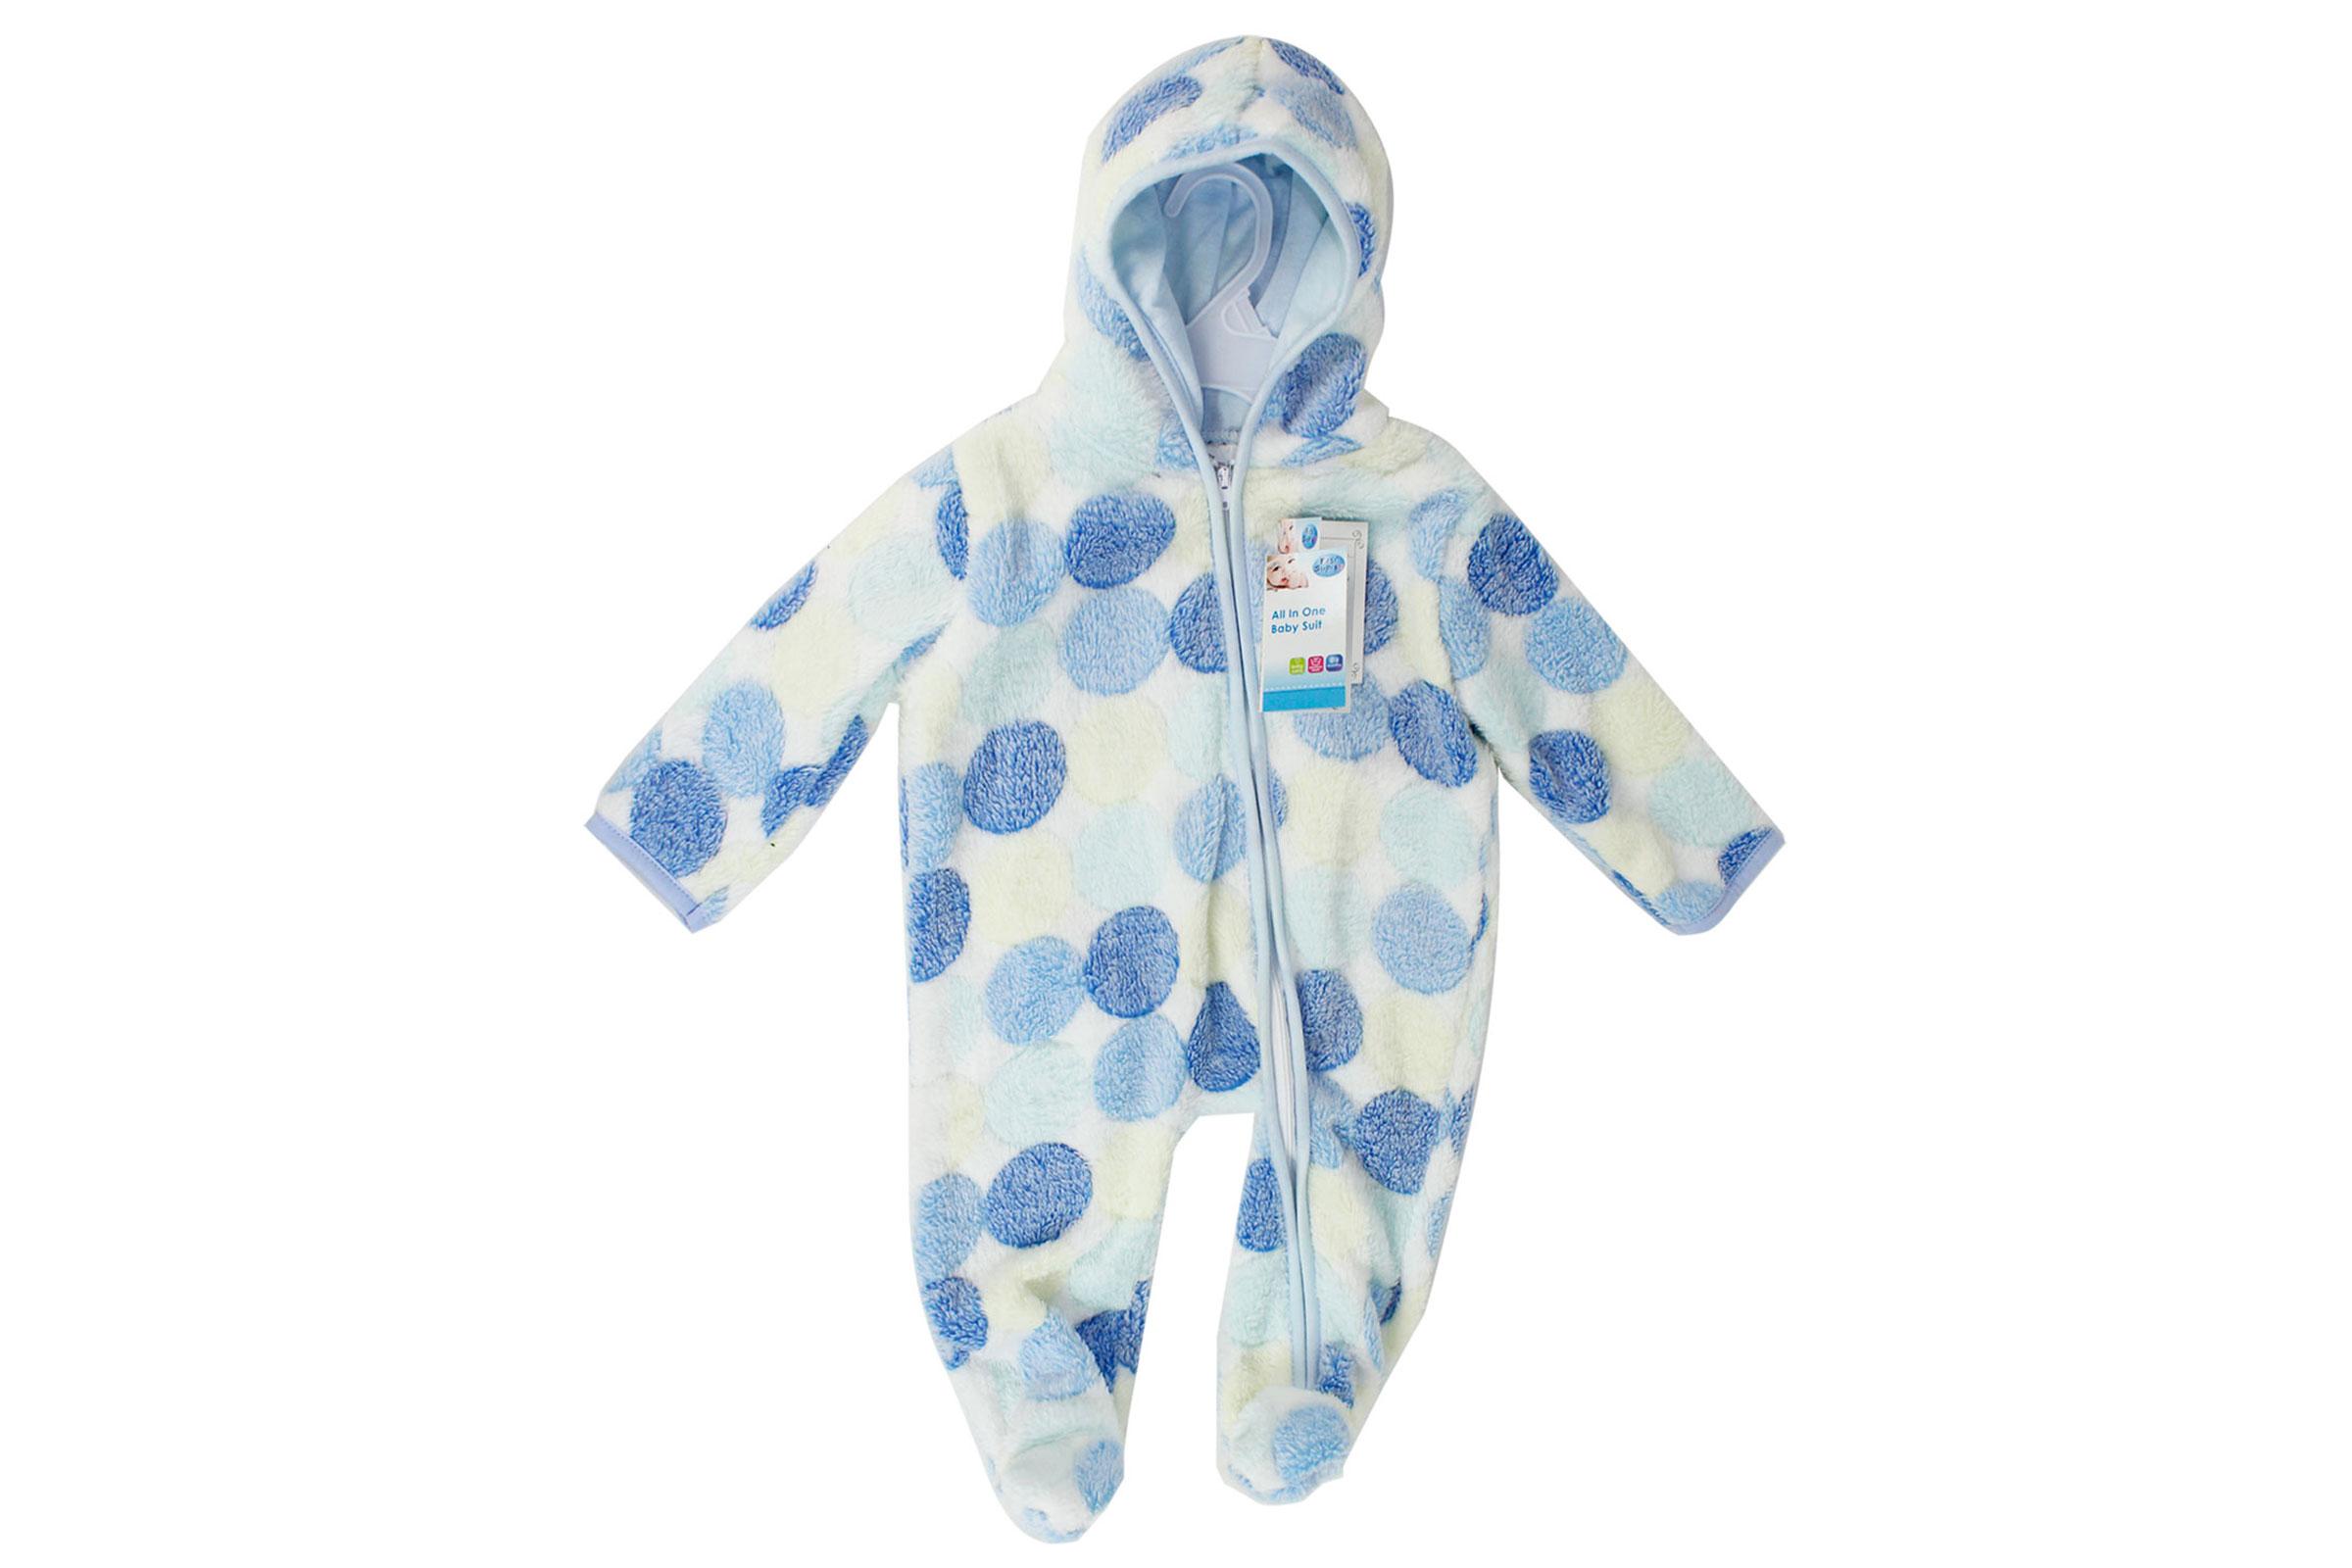 b6c0c946e Baby Fleece Snowsuit One Piece Coat Romper Suit Hooded Cosy Polka ...